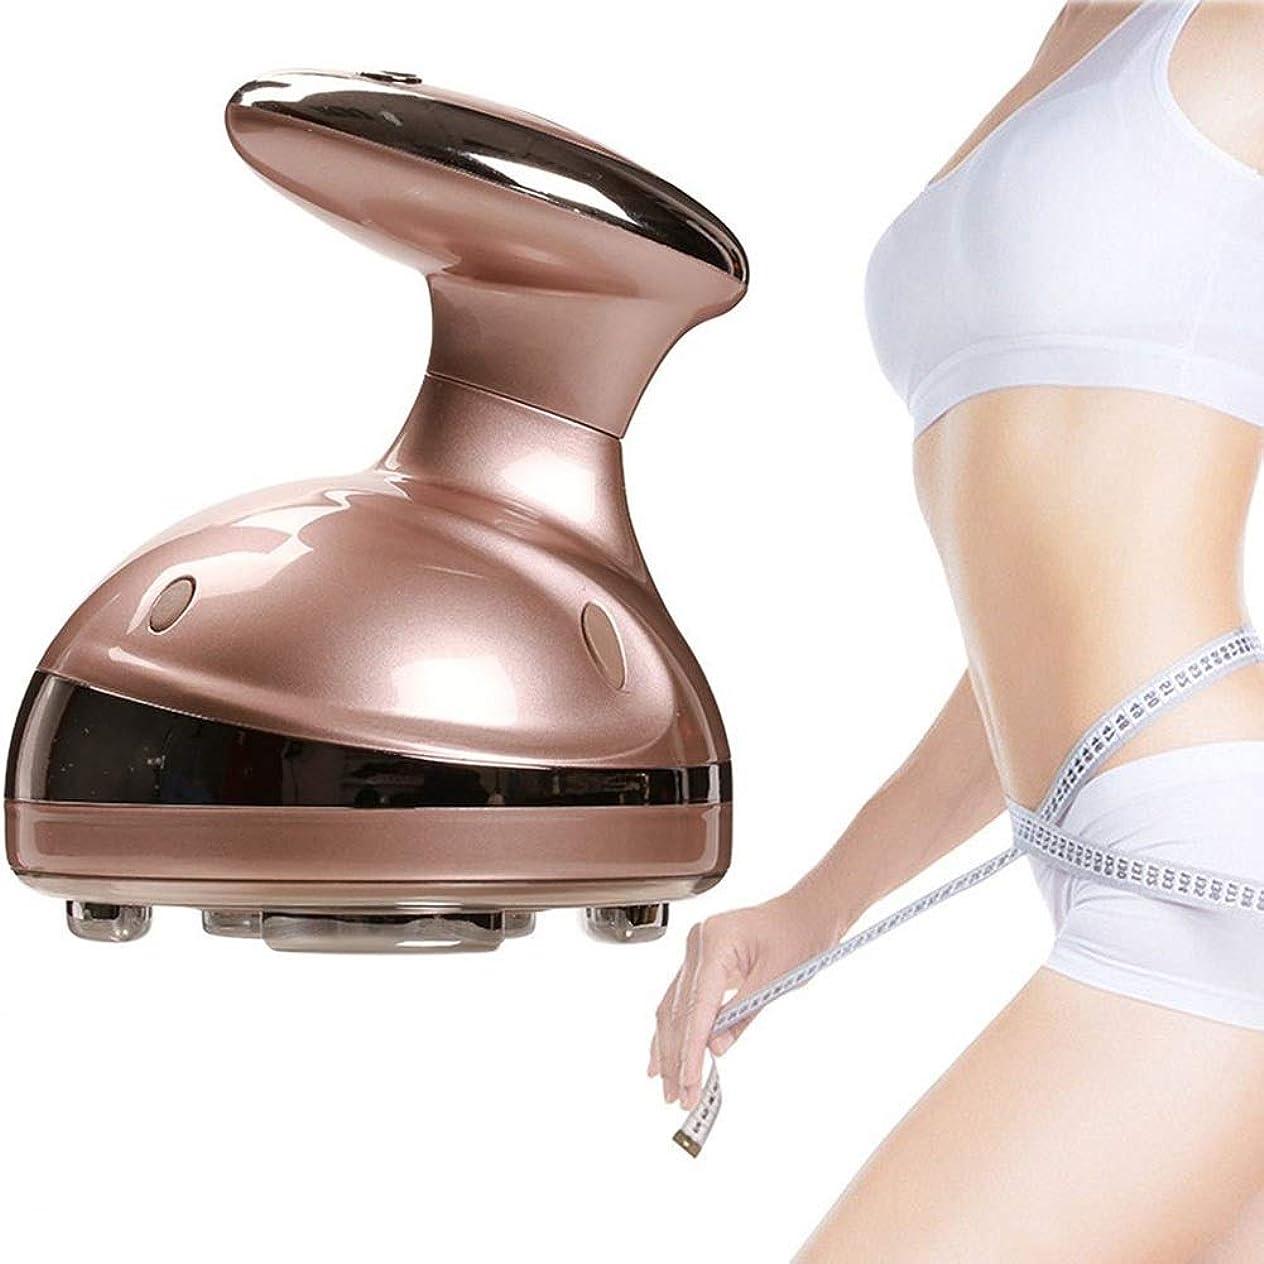 市区町村円形のインサート超音波脂肪除去機、RF脂肪燃焼振動整形美容器具脂肪除去体重減少デバイス、LEDフォトンアンチセルライト痩身ボディ美容院